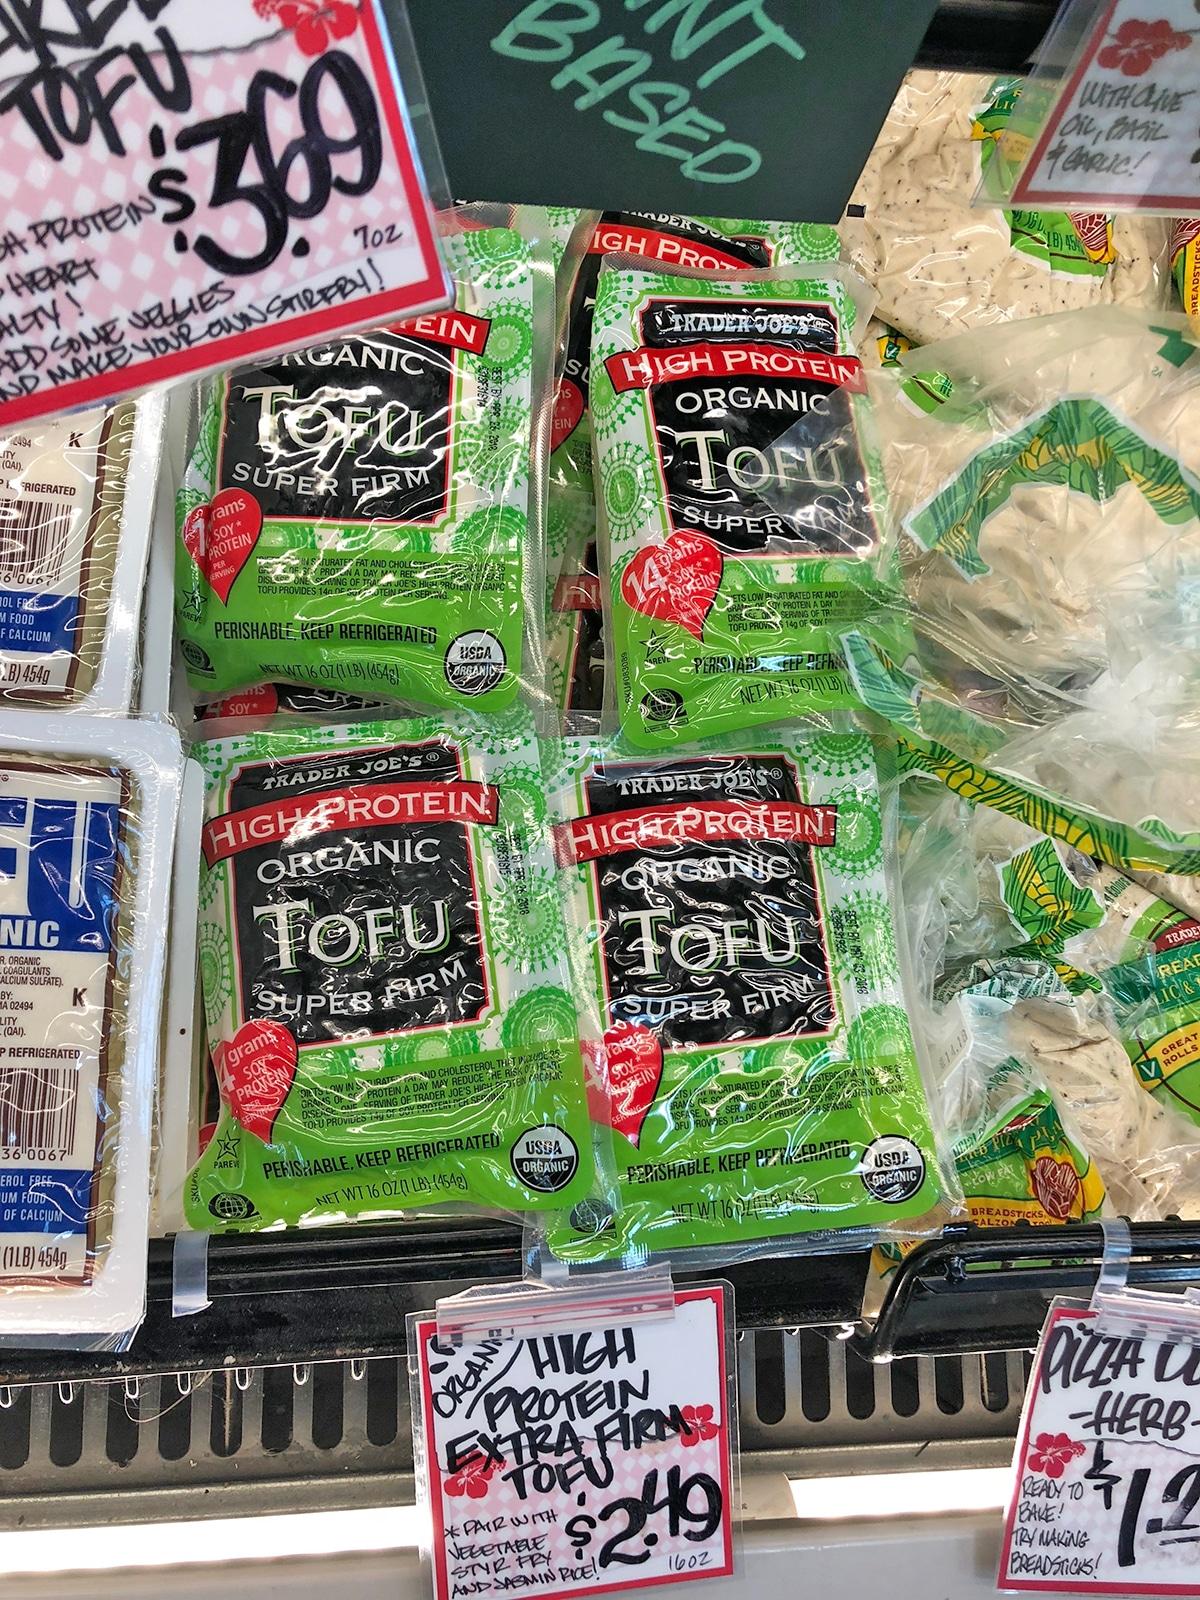 Blocks of super firm tofu in refrigerated case.